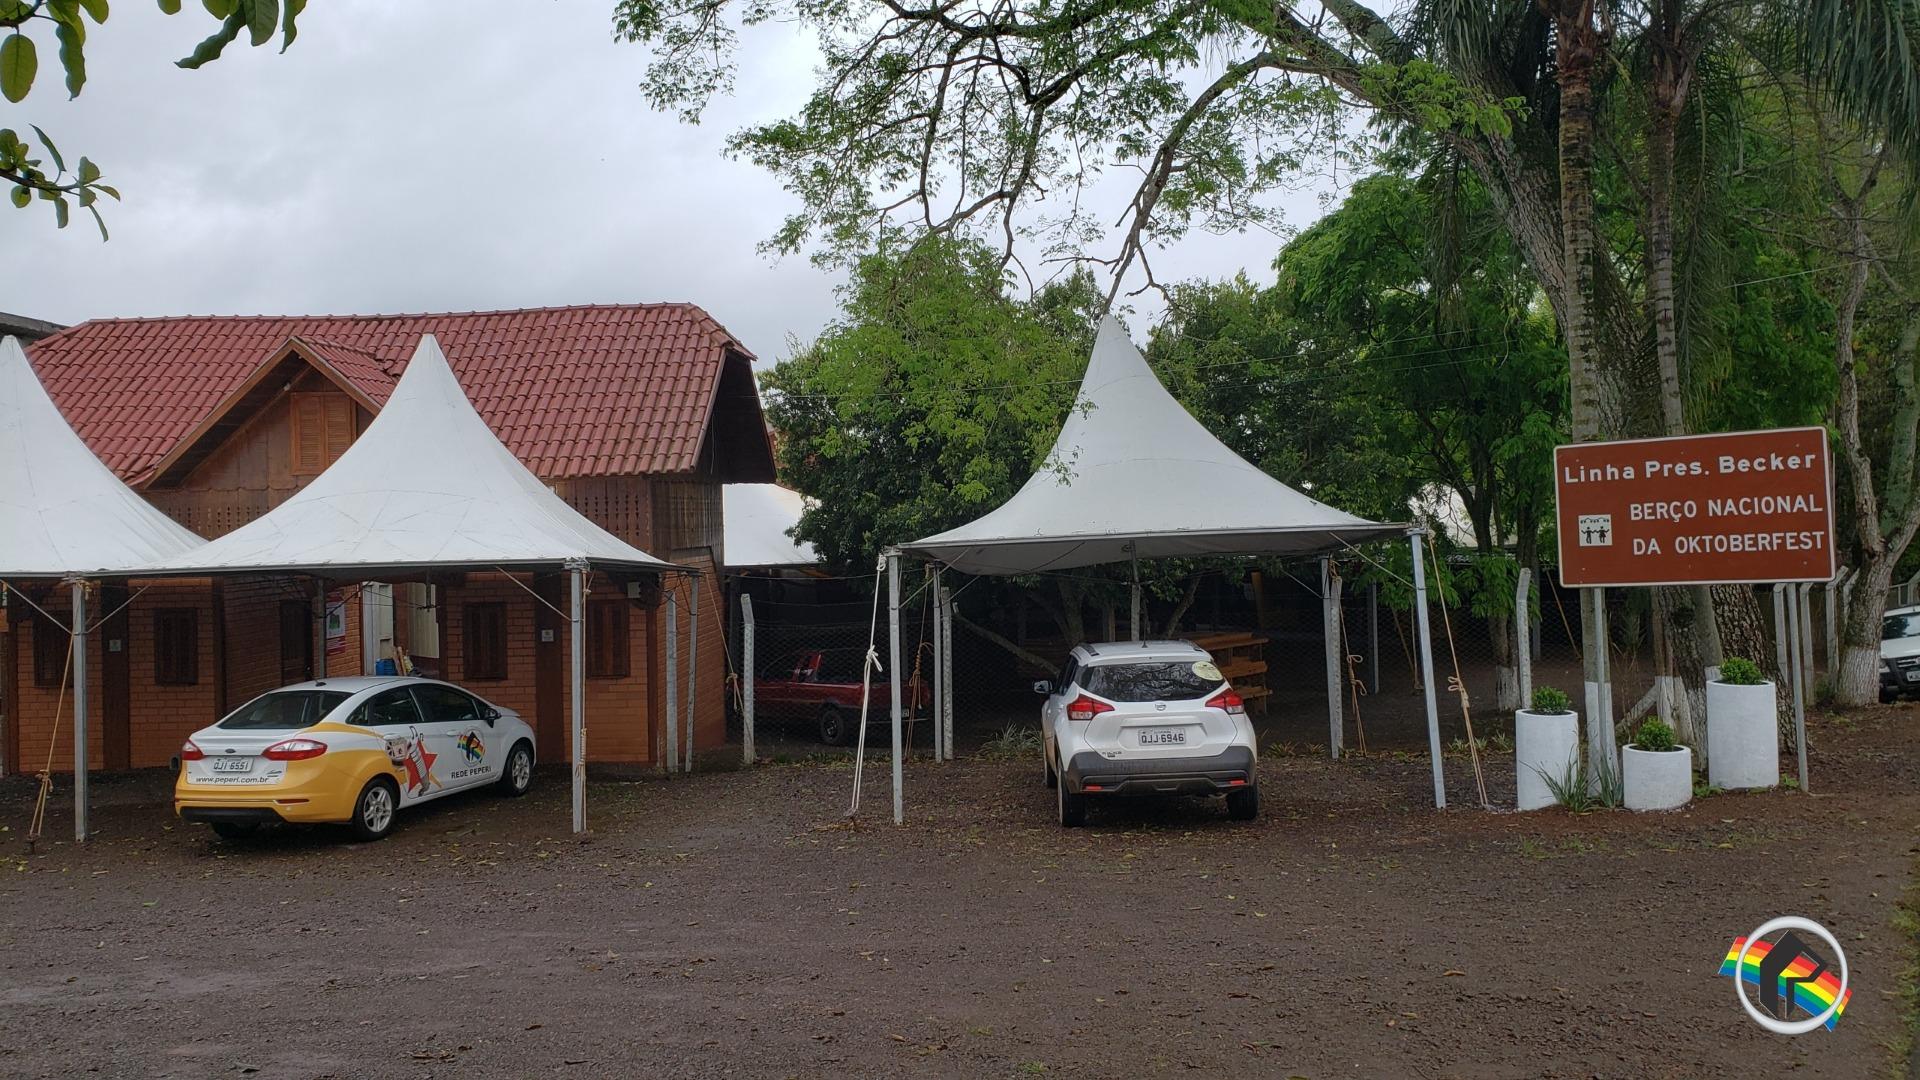 Linha Becker intensifica preparativos para a abertura da 40ª Oktoberfest